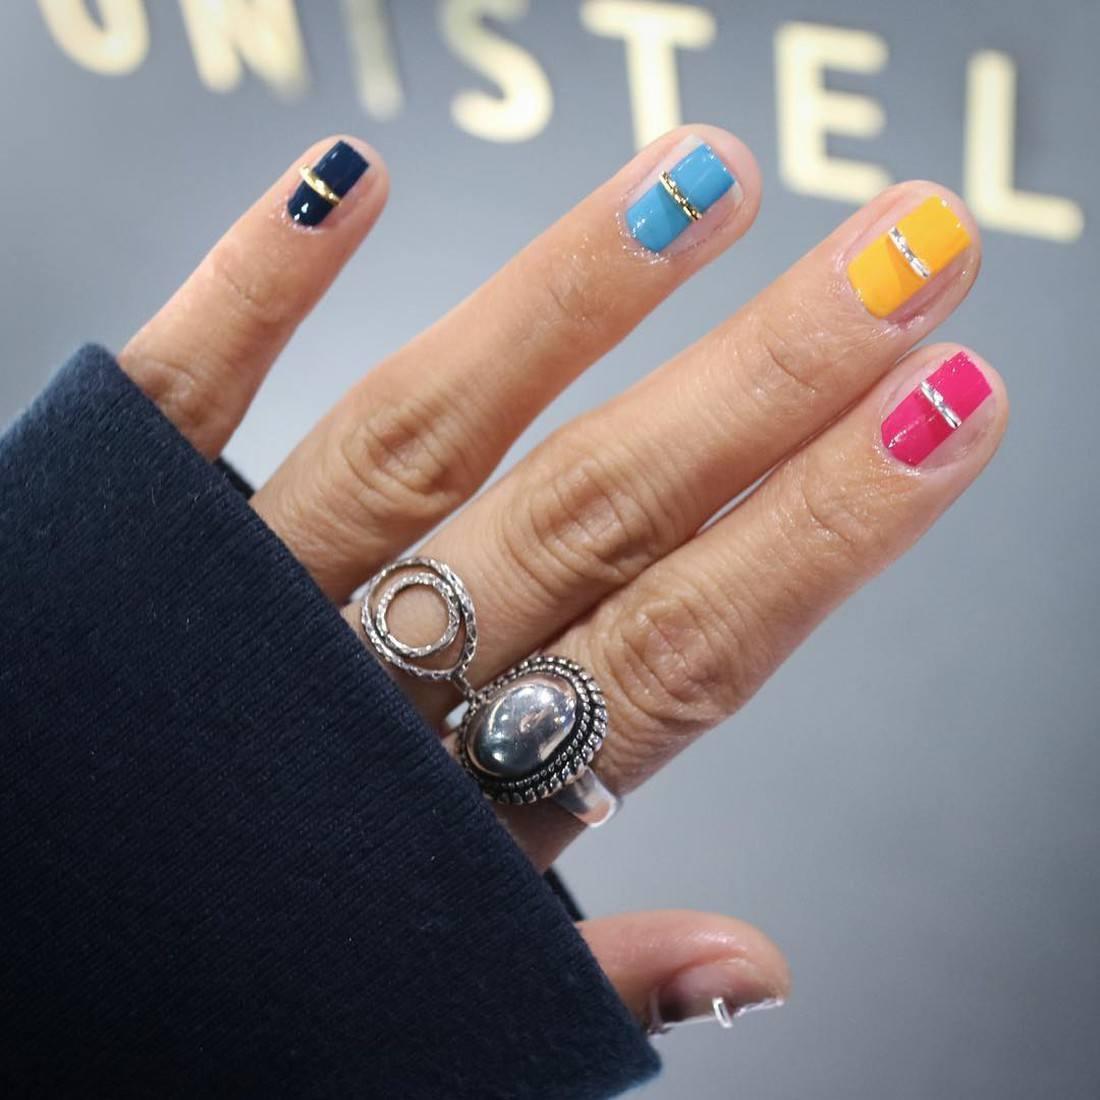 дизайн ногтей с камнями сваровски - Тюменский издательский дом